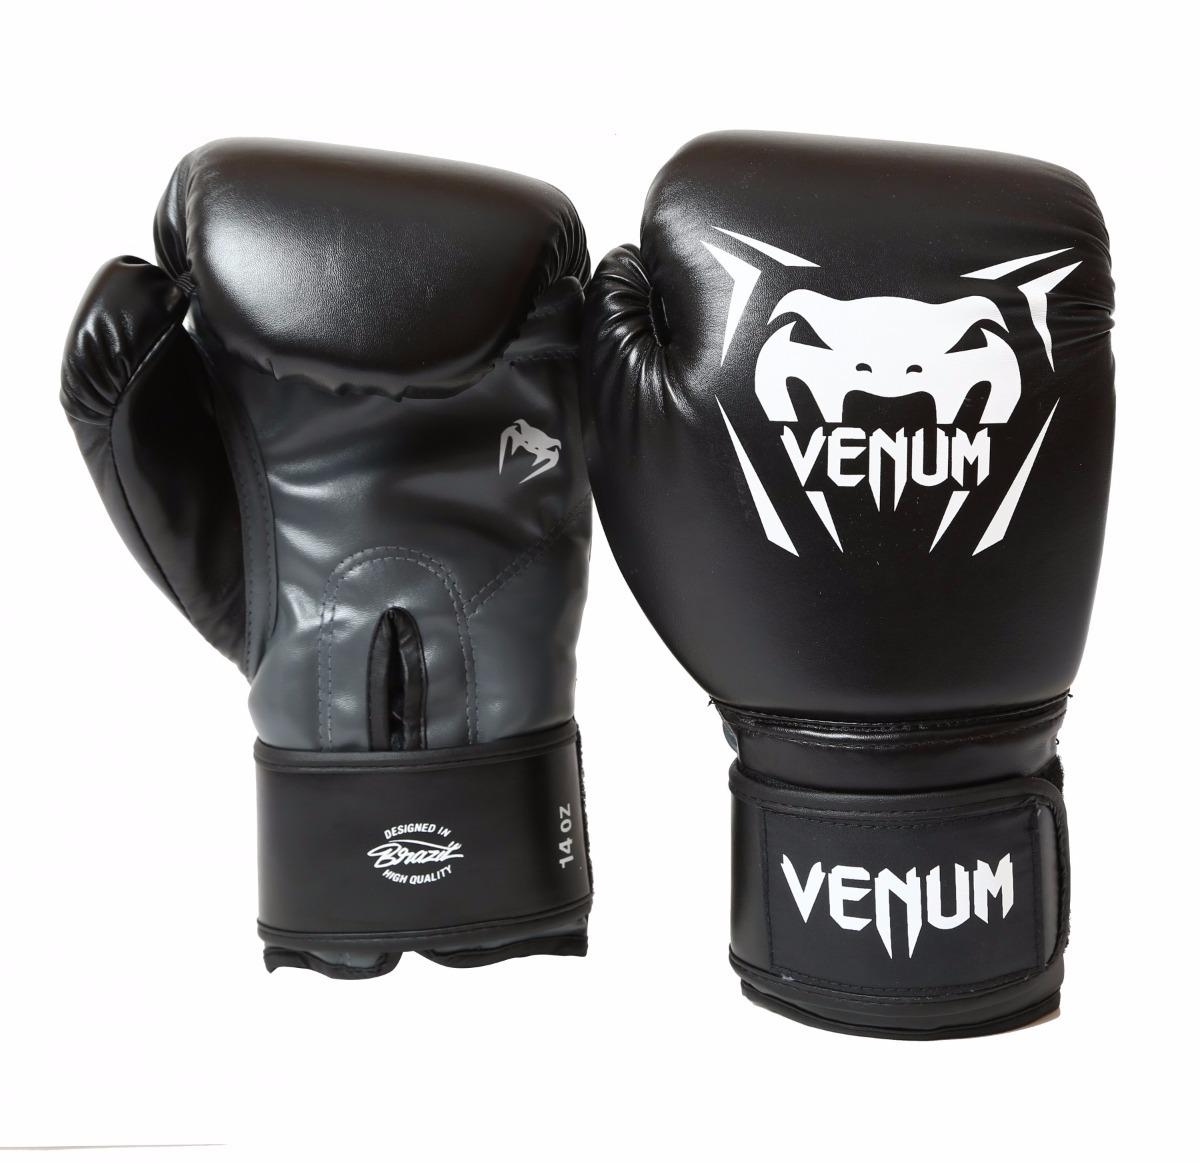 fa4034de83 luva boxe venum new contender preta tam. 16 oz original. Carregando zoom.